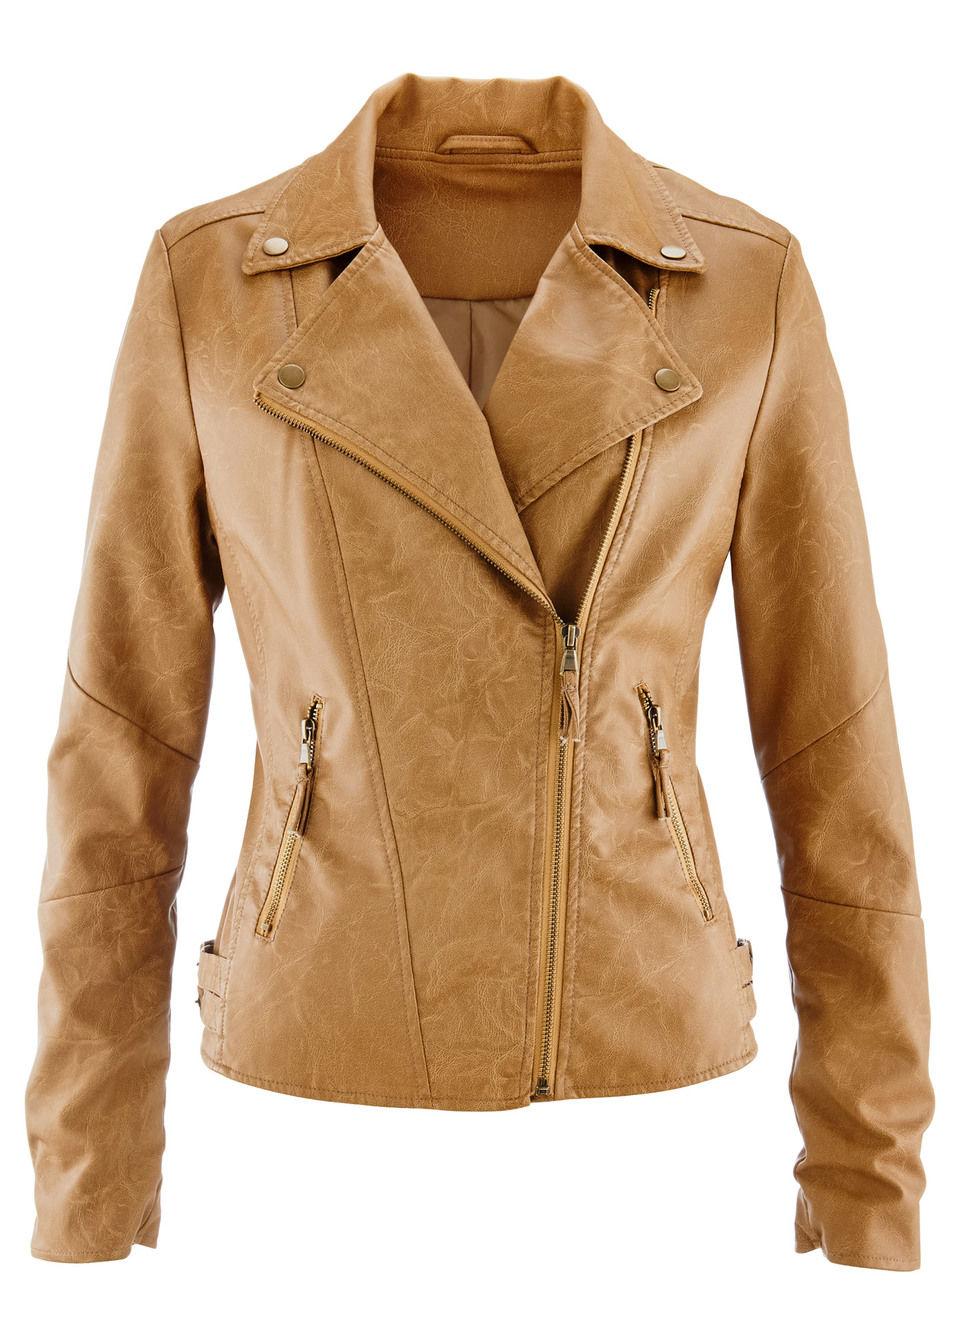 Купить Куртки и плащи, Куртка из искусственной кожи, bonprix, коньячный